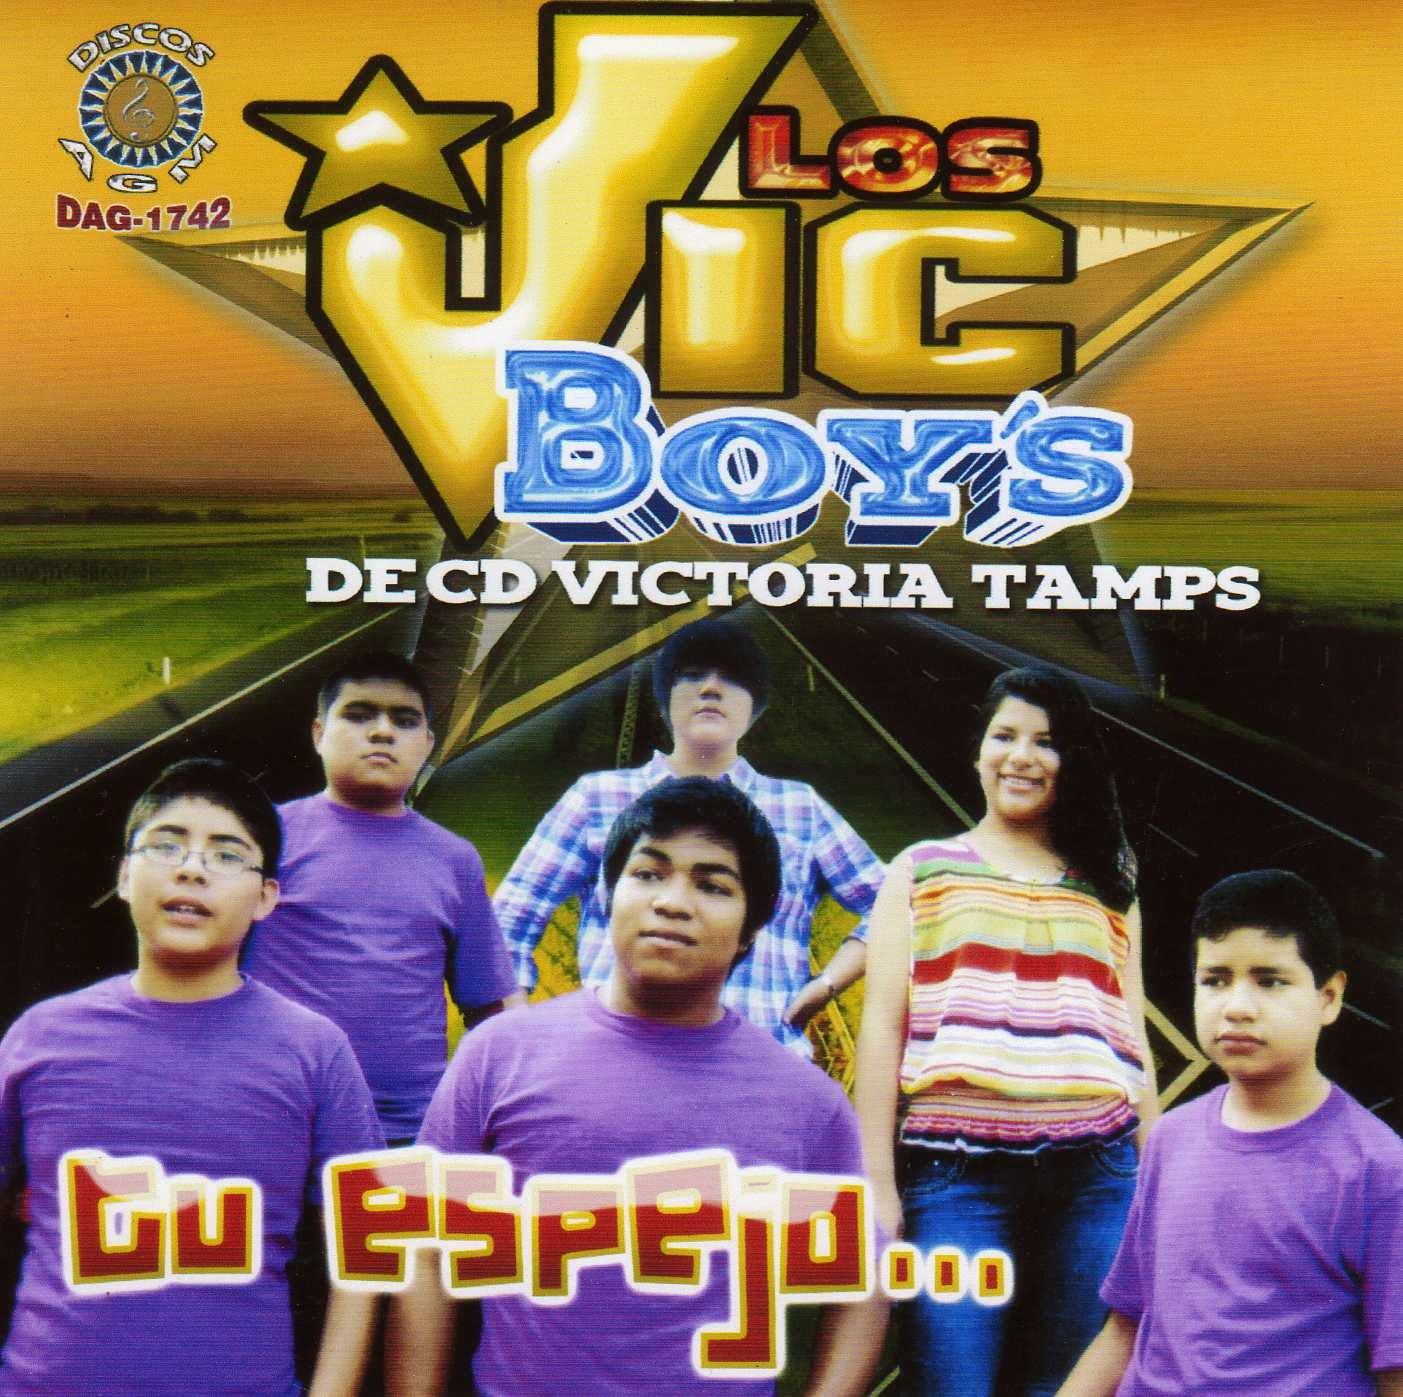 LOS VIC BOY'S